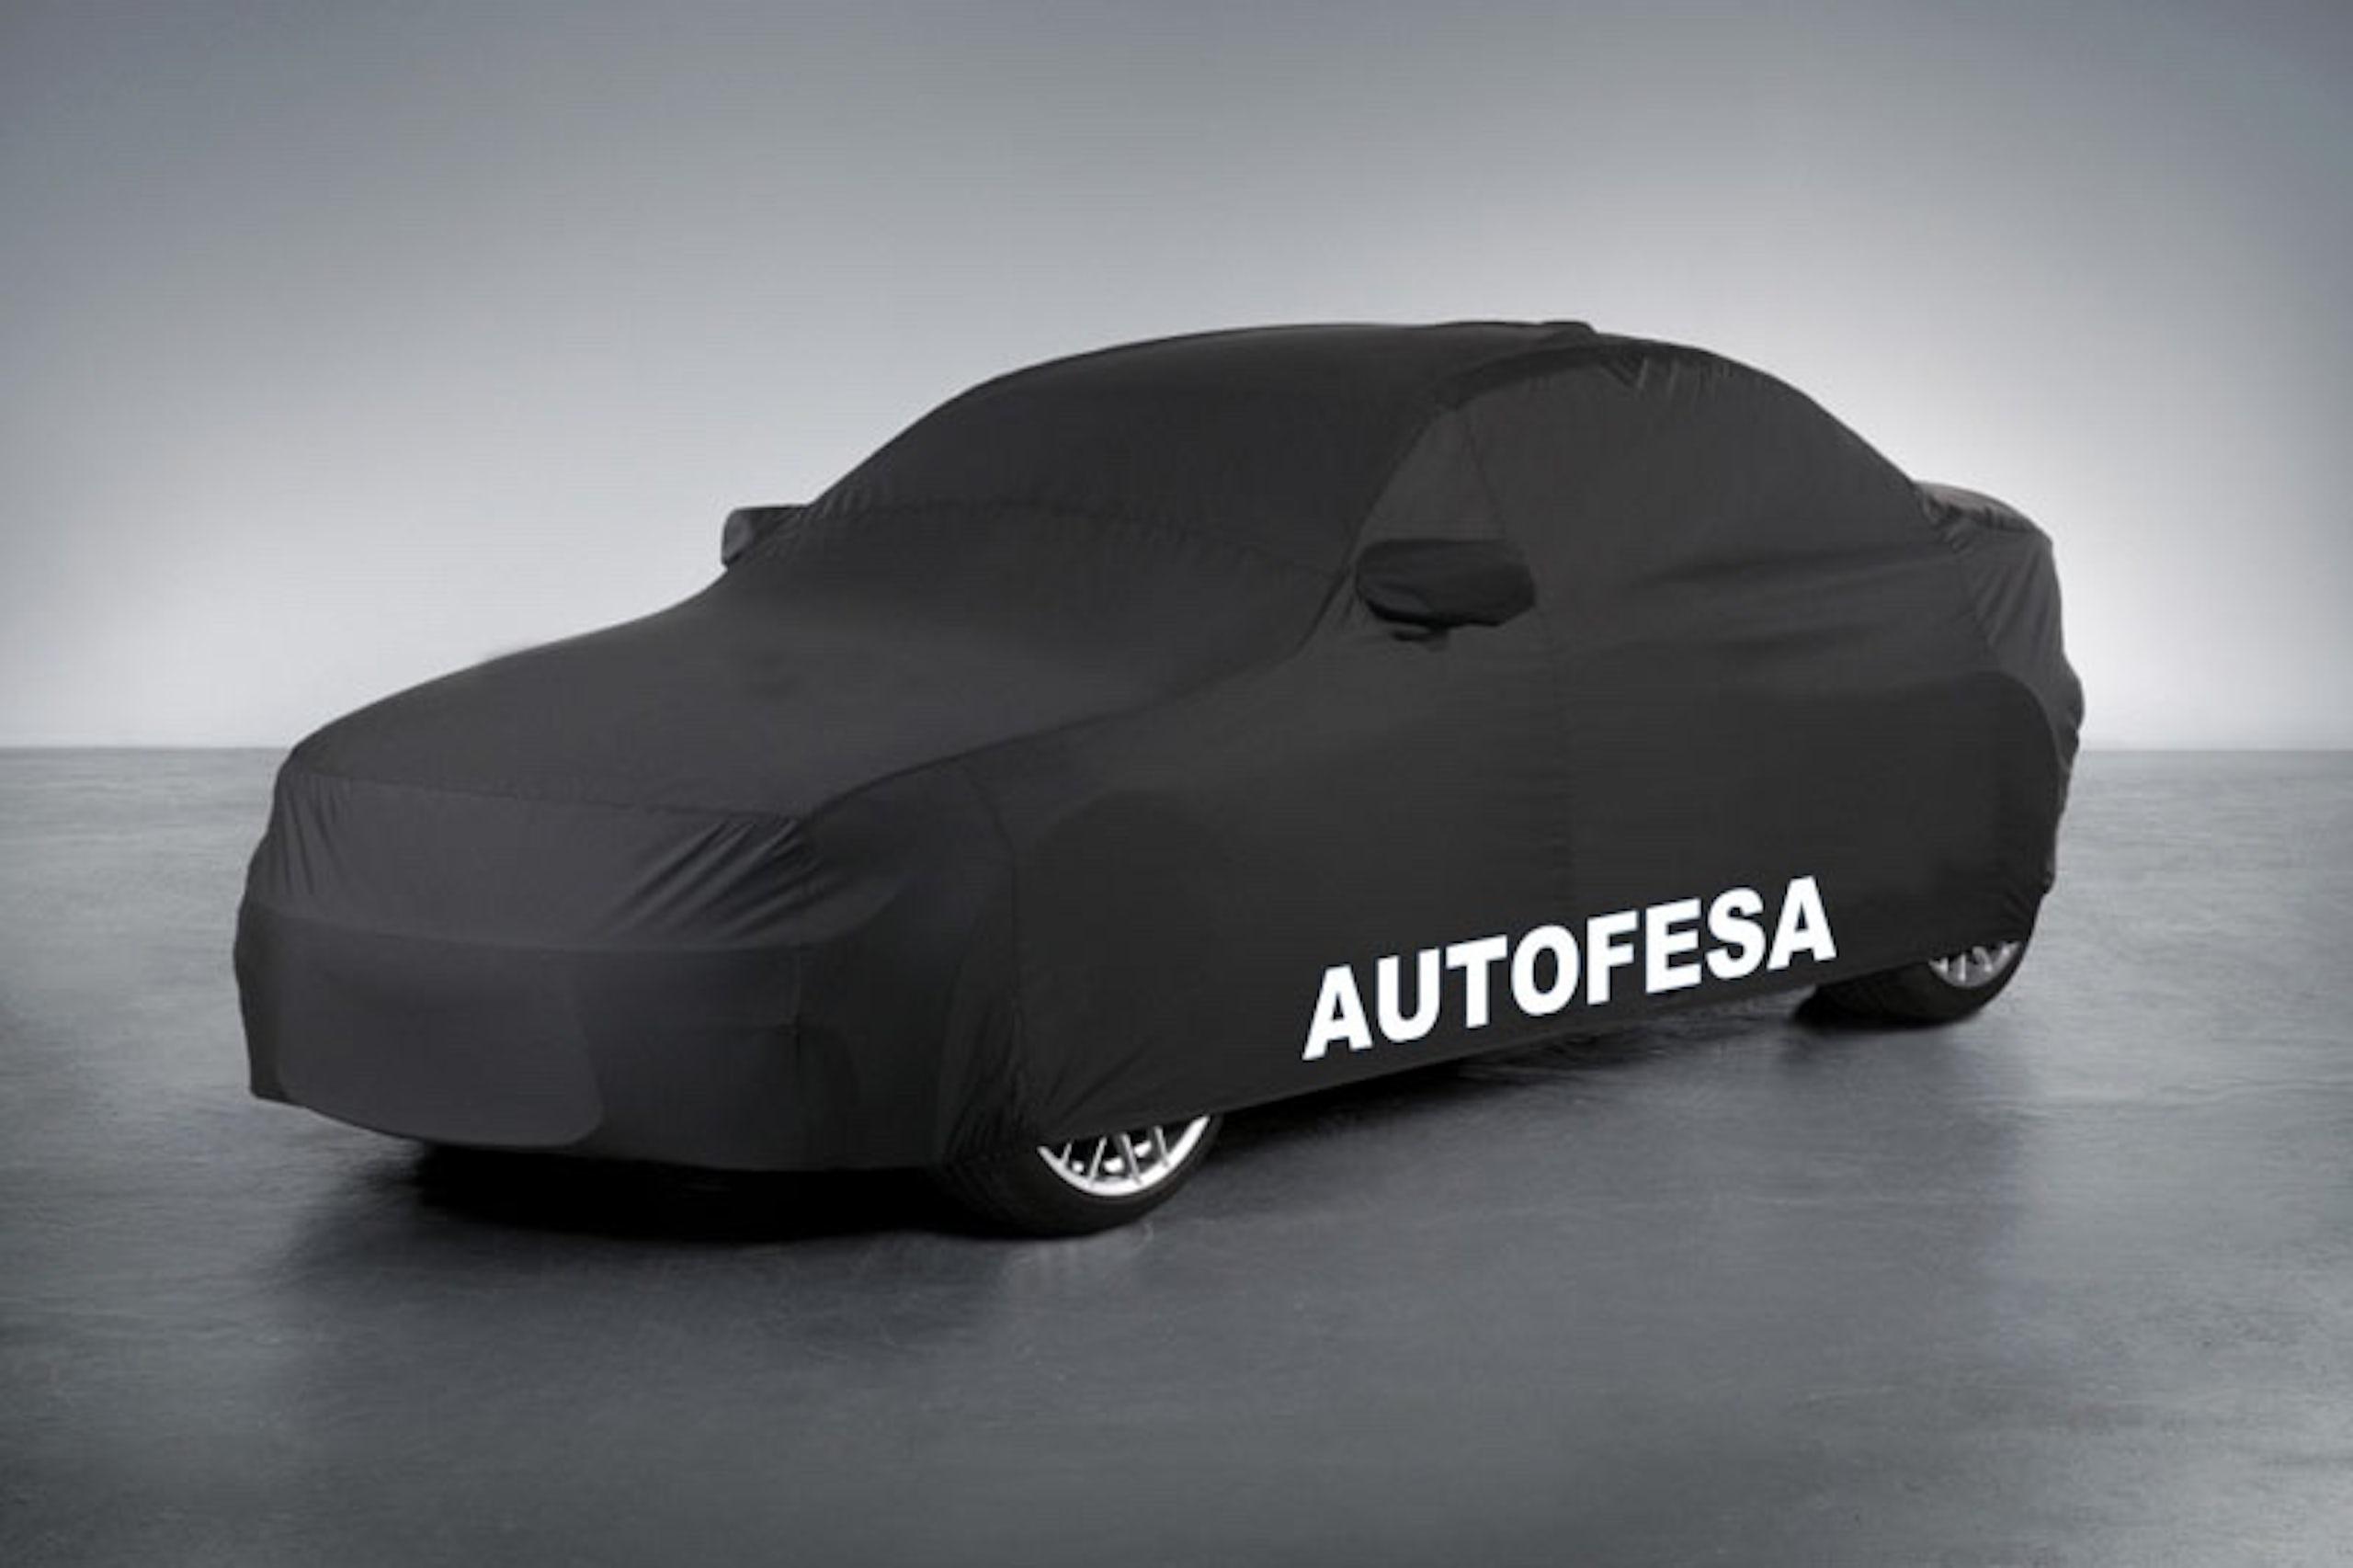 Audi Tt Roadster 2.0 TFSI 230cv quattro 2p Stronic Auto  S/S - Foto 32